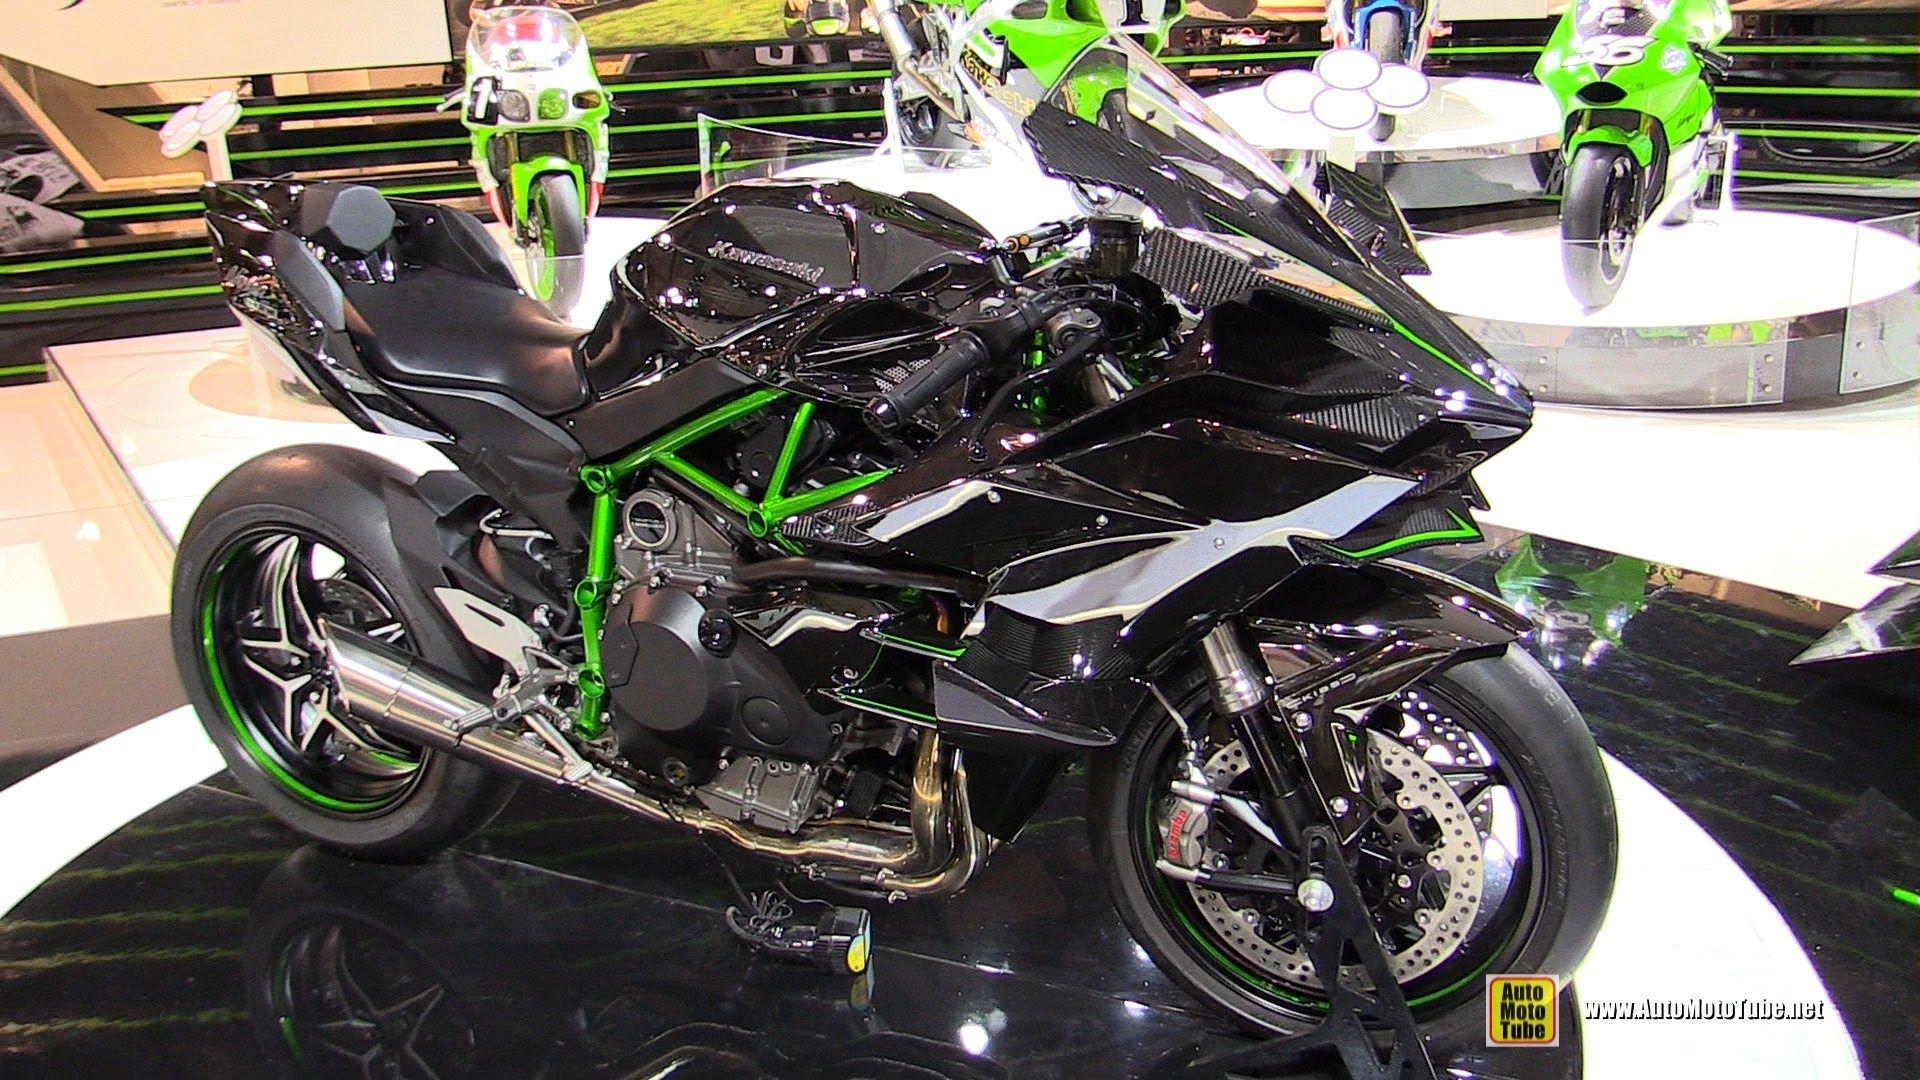 2015 Kawasaki Ninja H2 R Super Charged Walkaround Debut At 2014